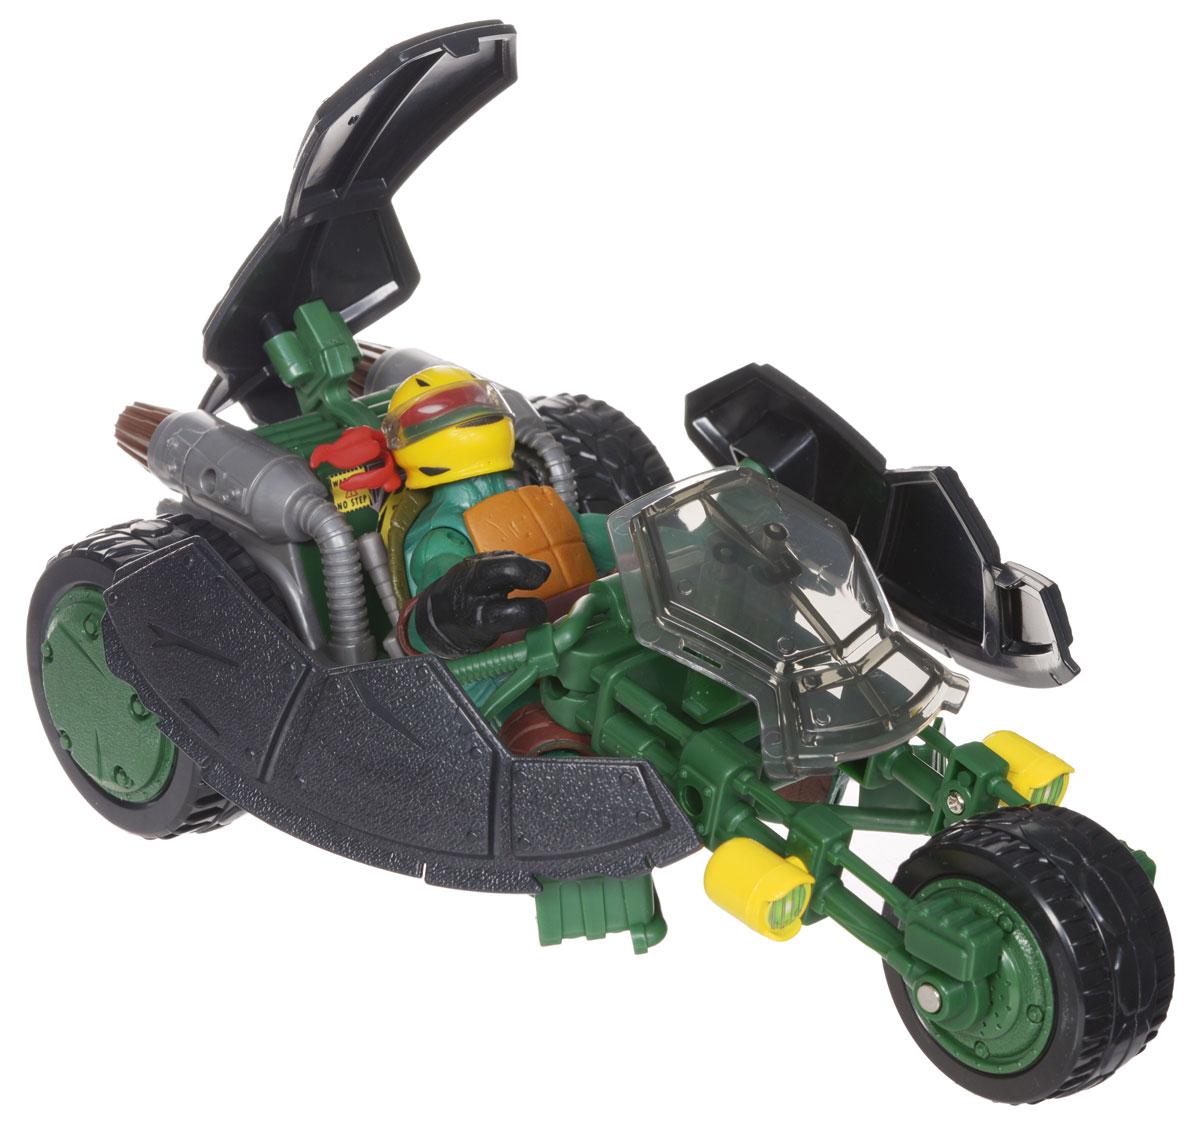 """Мотоцикл Черепашки Ниндзя """"Стелс"""" непременно понравится вашему ребенку и надолго займет его внимание. В комплект входит мотоцикл Черепашек-ниндзя """"Стелс"""" (""""Невидимка""""), фигурка в виде Рафаэля - персонажа команды """"TMNT"""" и 2 меча. Мотоцикл с тремя вращающимися колесами трансформируется из невидимого режима в боевой одним нажатием на панцирь. Фигурка имеет шарнирное устройство конечностей, что позволяет фиксировать ее в нужном положении. На мотоцикл можно посадить любого участника команды """"TMNT"""". Ваш ребенок с удовольствием будет играть с мотоциклом, придумывая различные истории. Порадуйте его таким замечательным подарком!"""